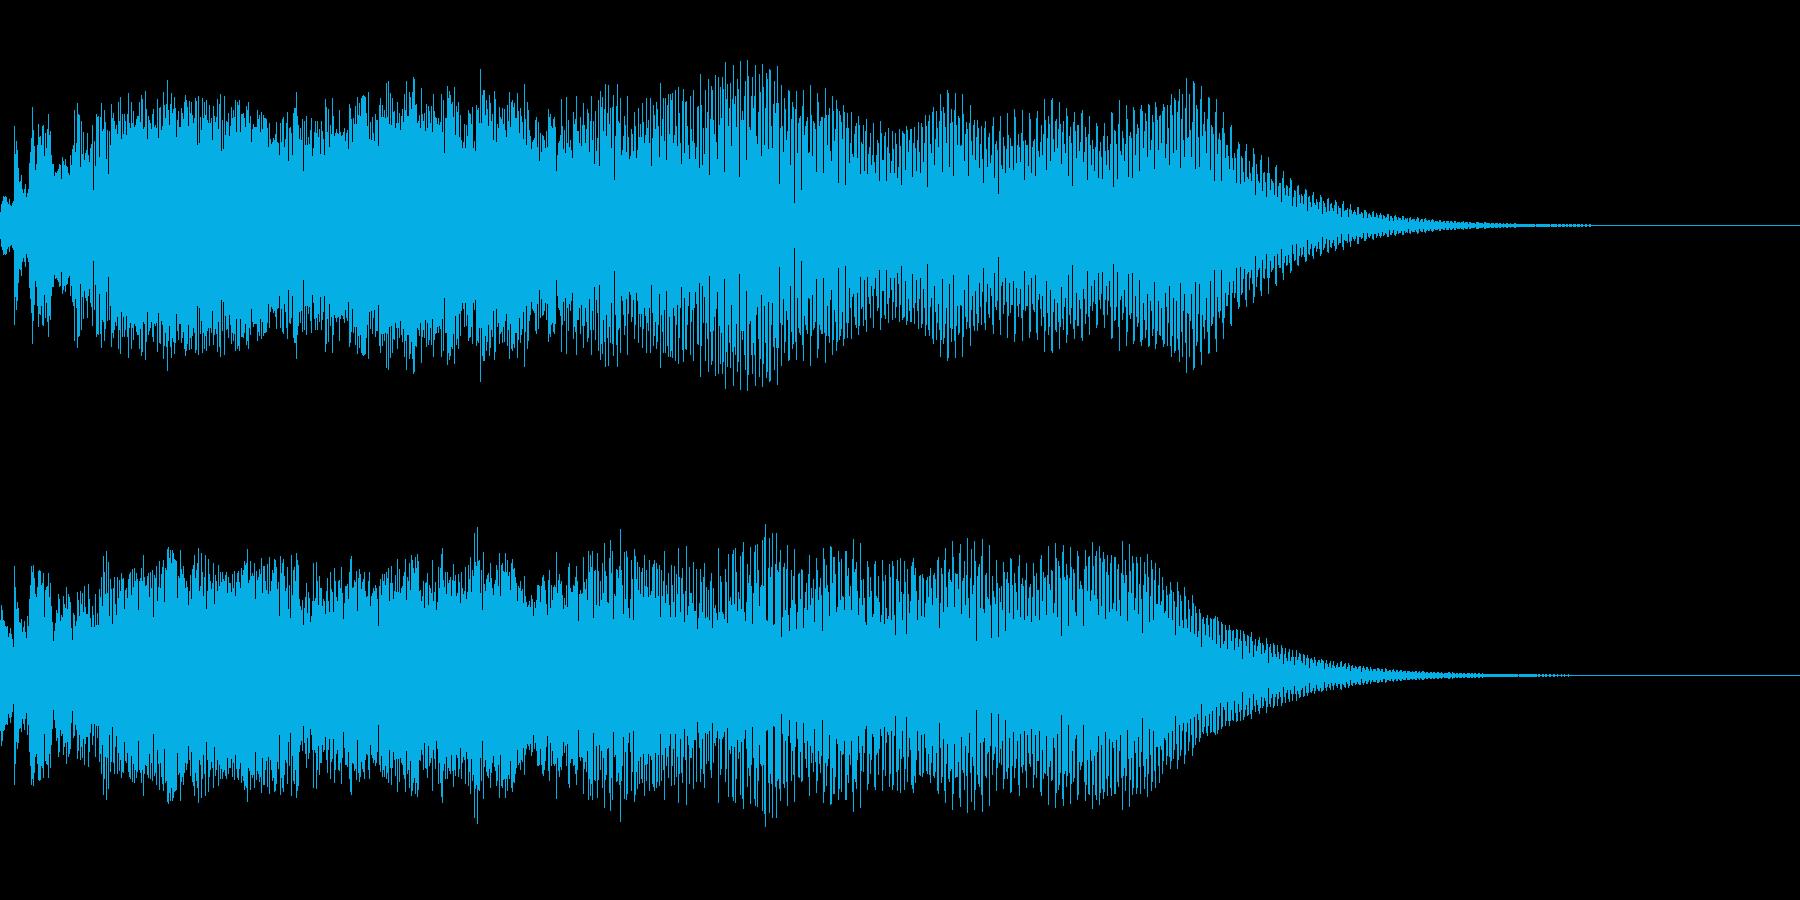 近未来を想像するノイジーな印象のサウンドの再生済みの波形